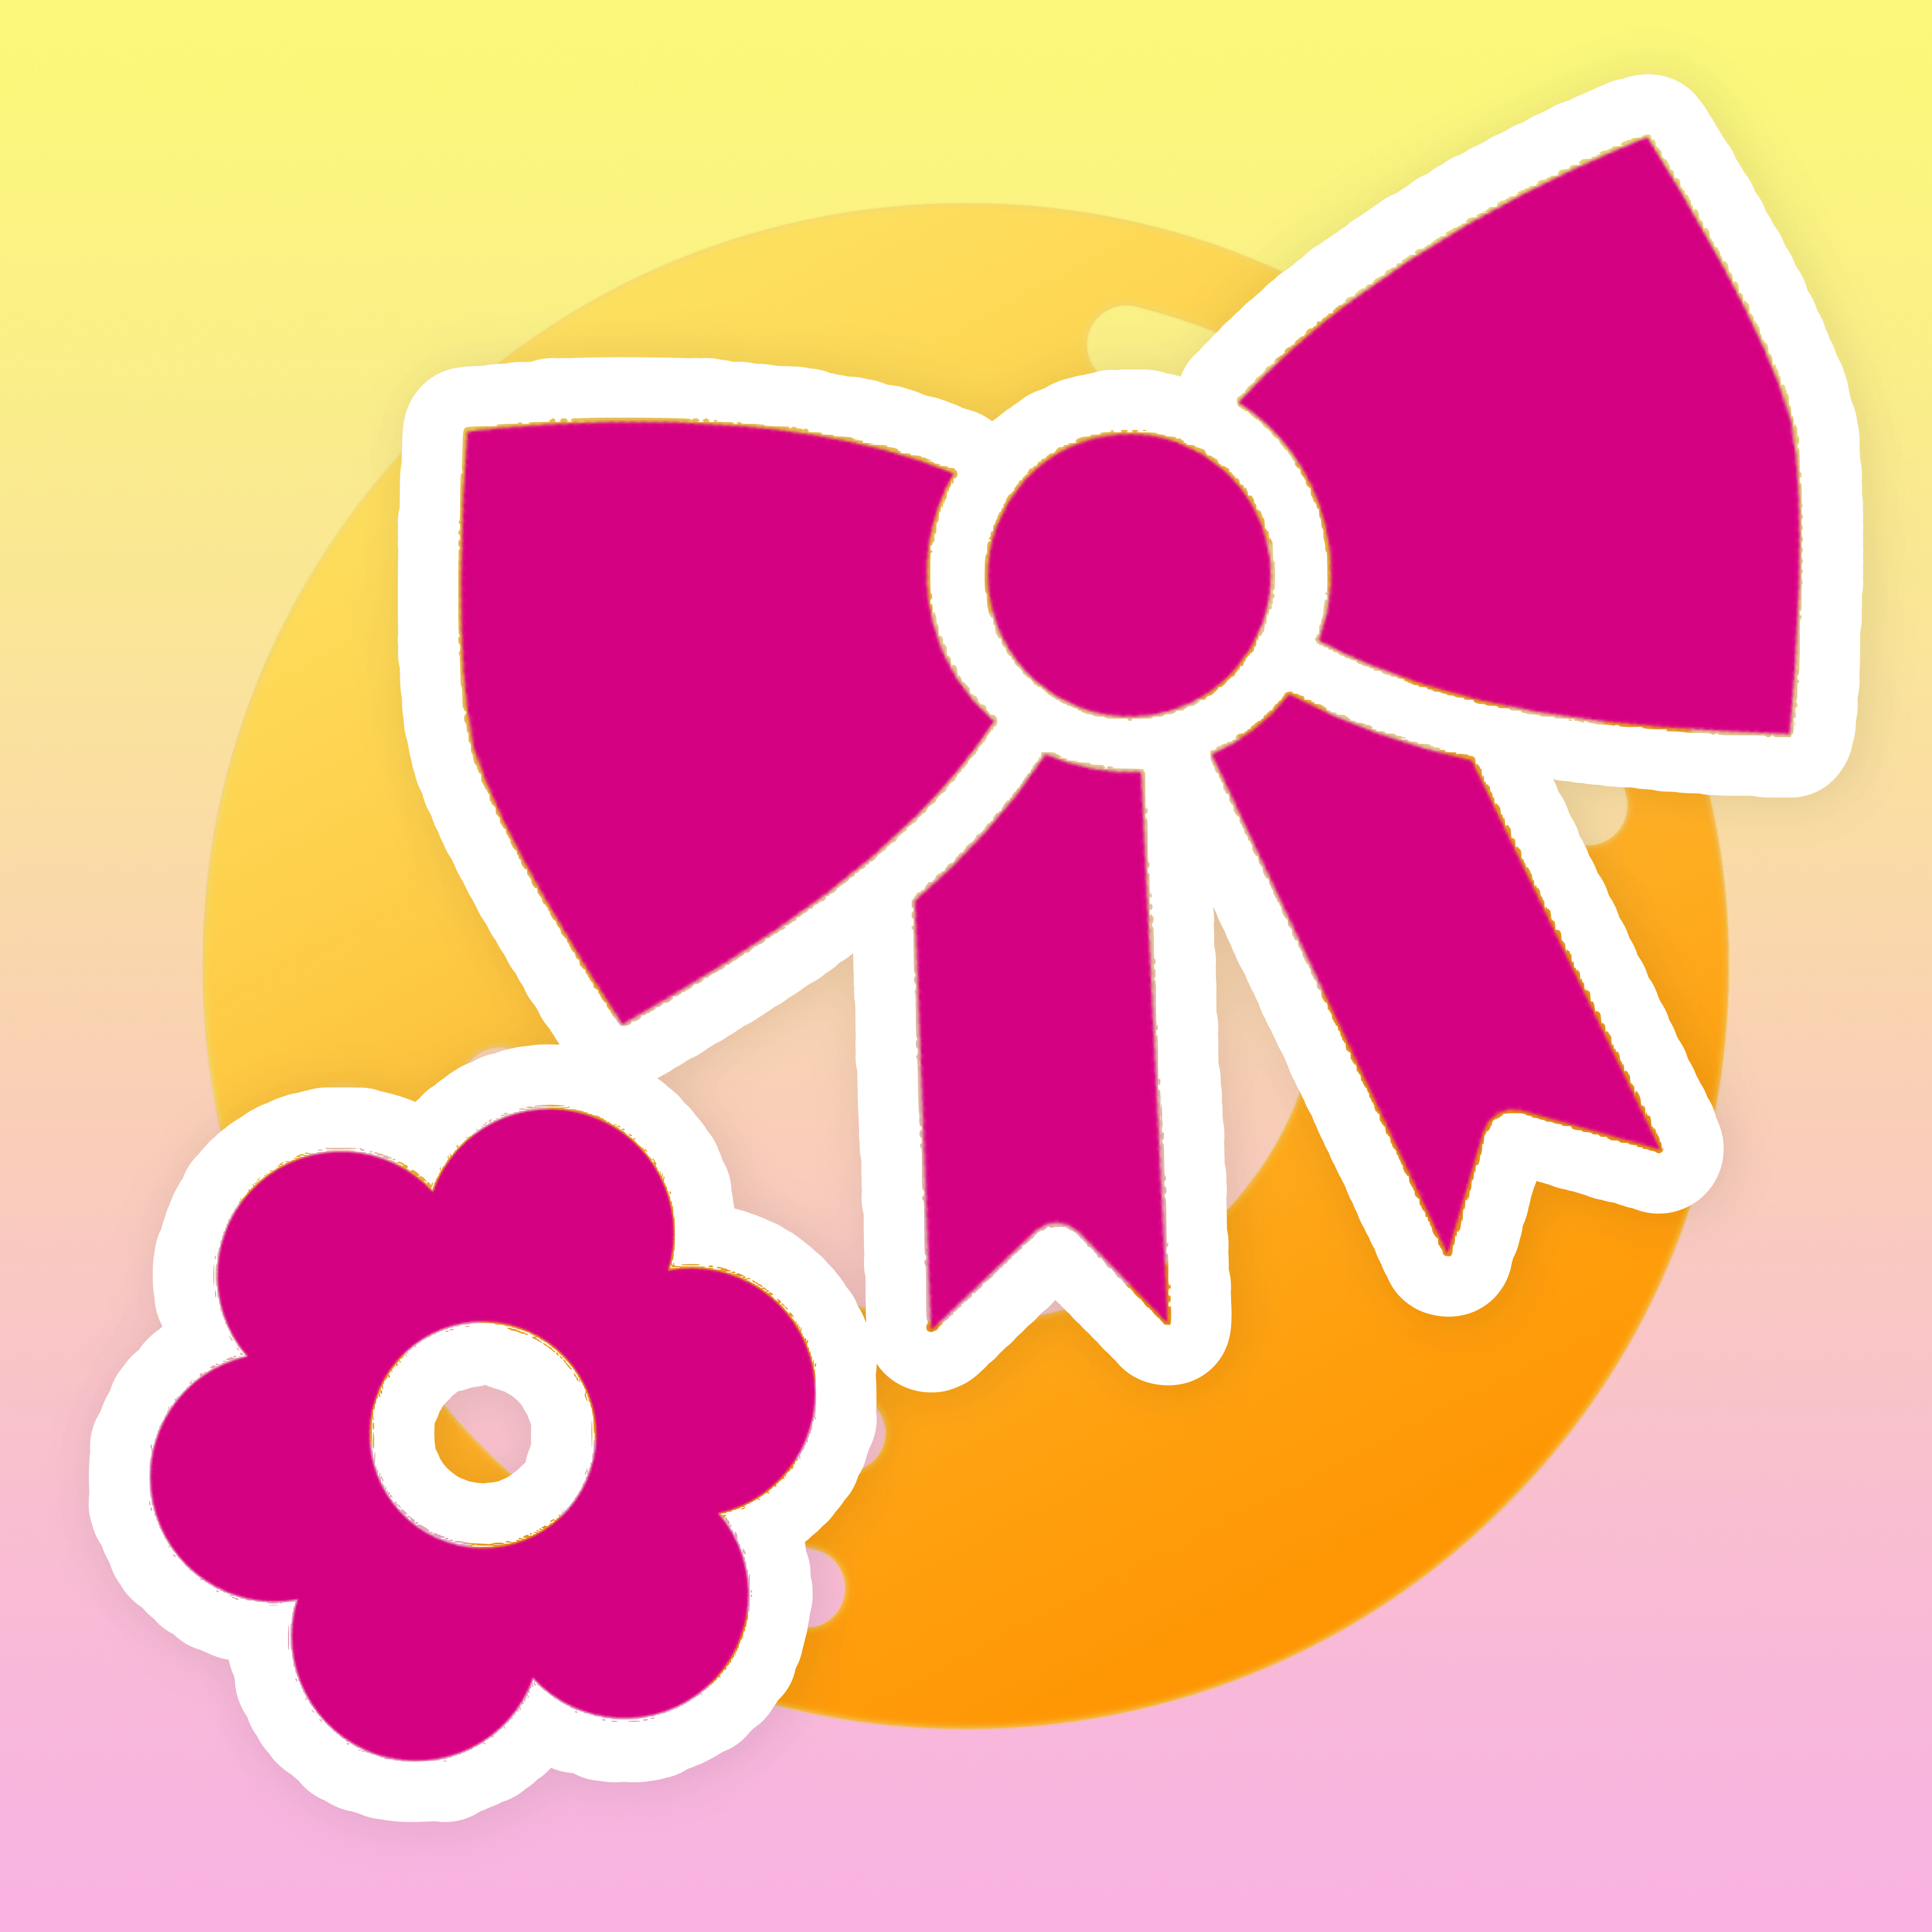 azalea198 avatar